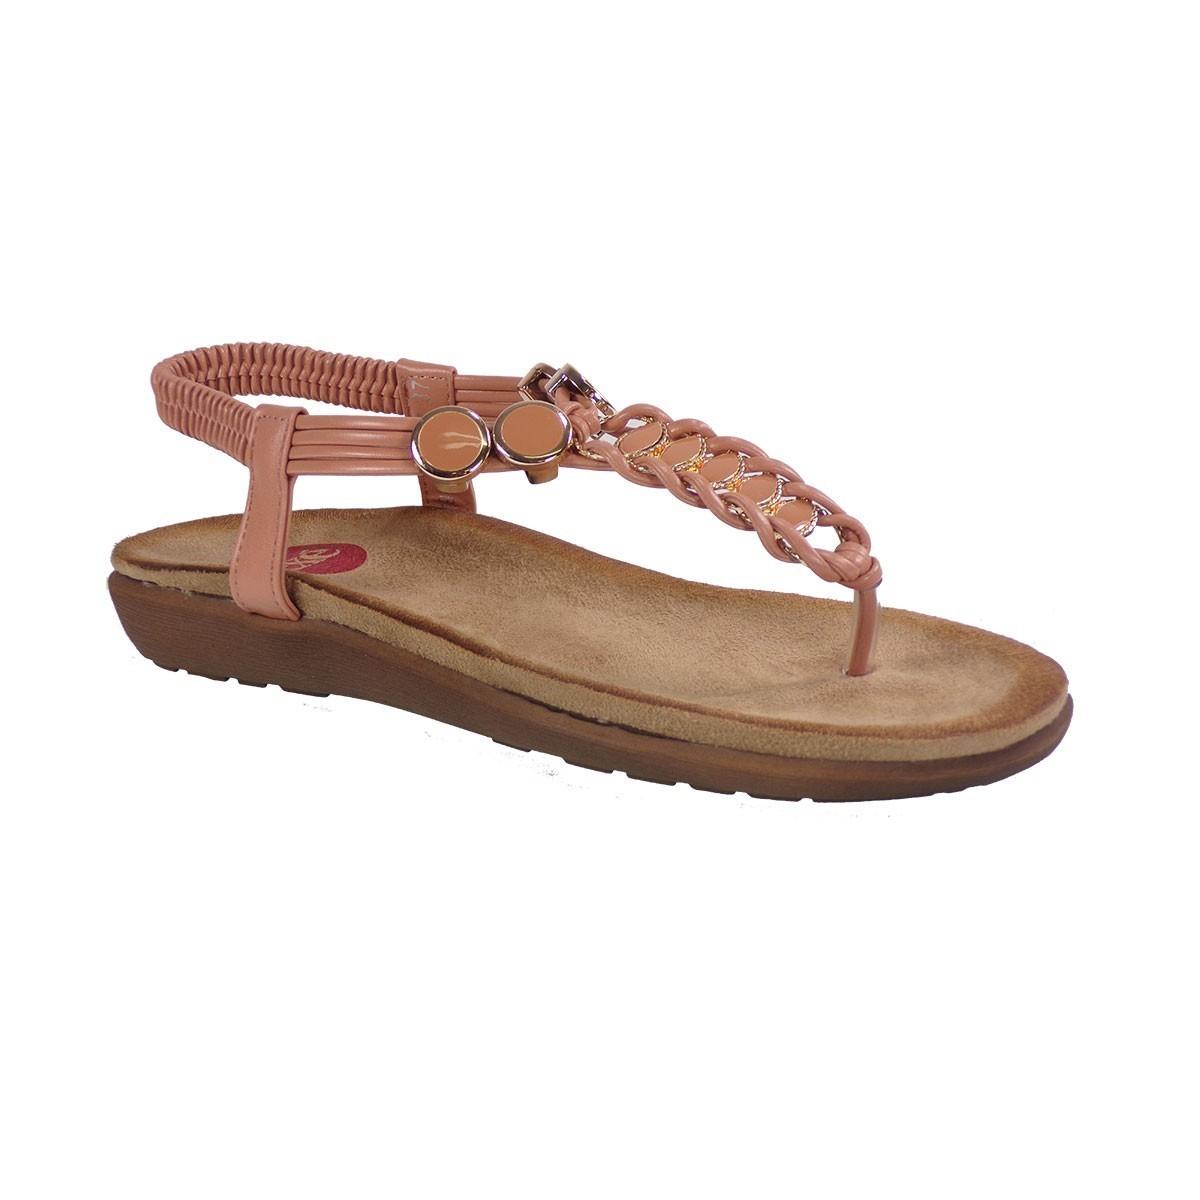 EXE Shoes Γυναικεία Πέδιλα 817 Nude G4900817177505  32dbd10d4dc